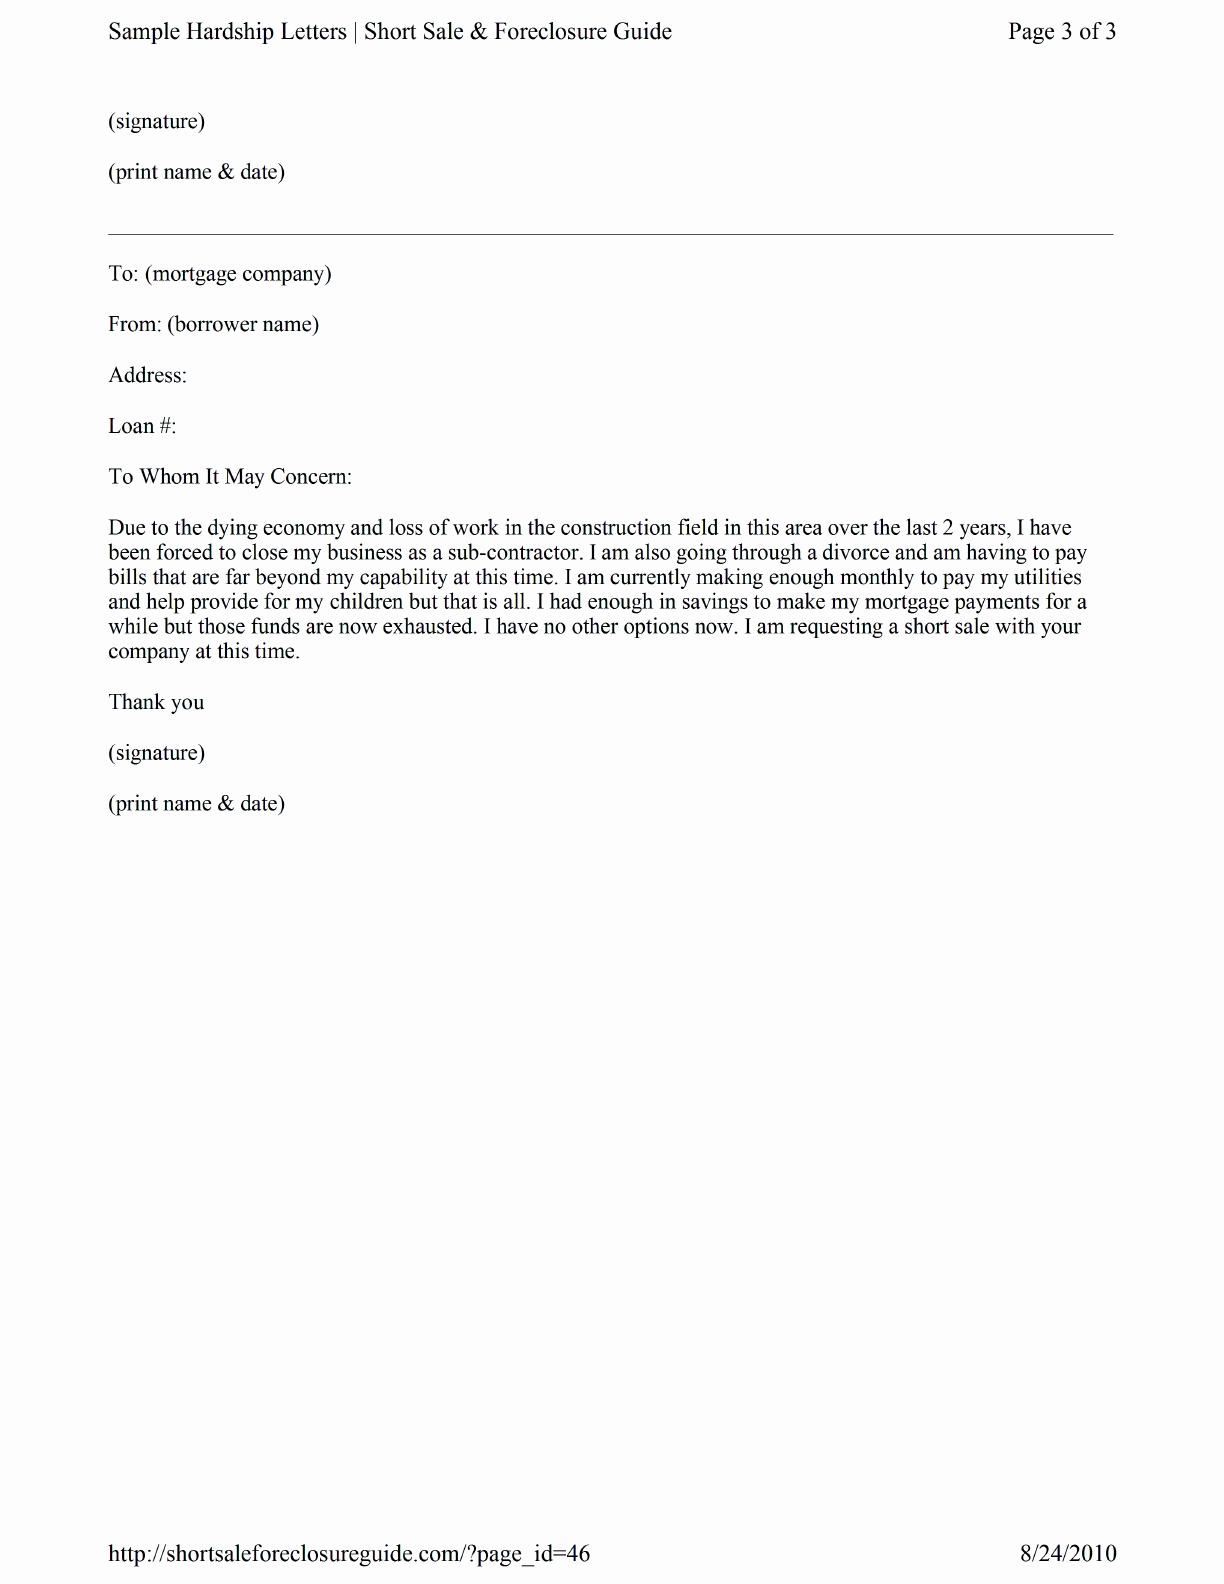 Hardship Letter For Shortsale from www.speedytemplate.com